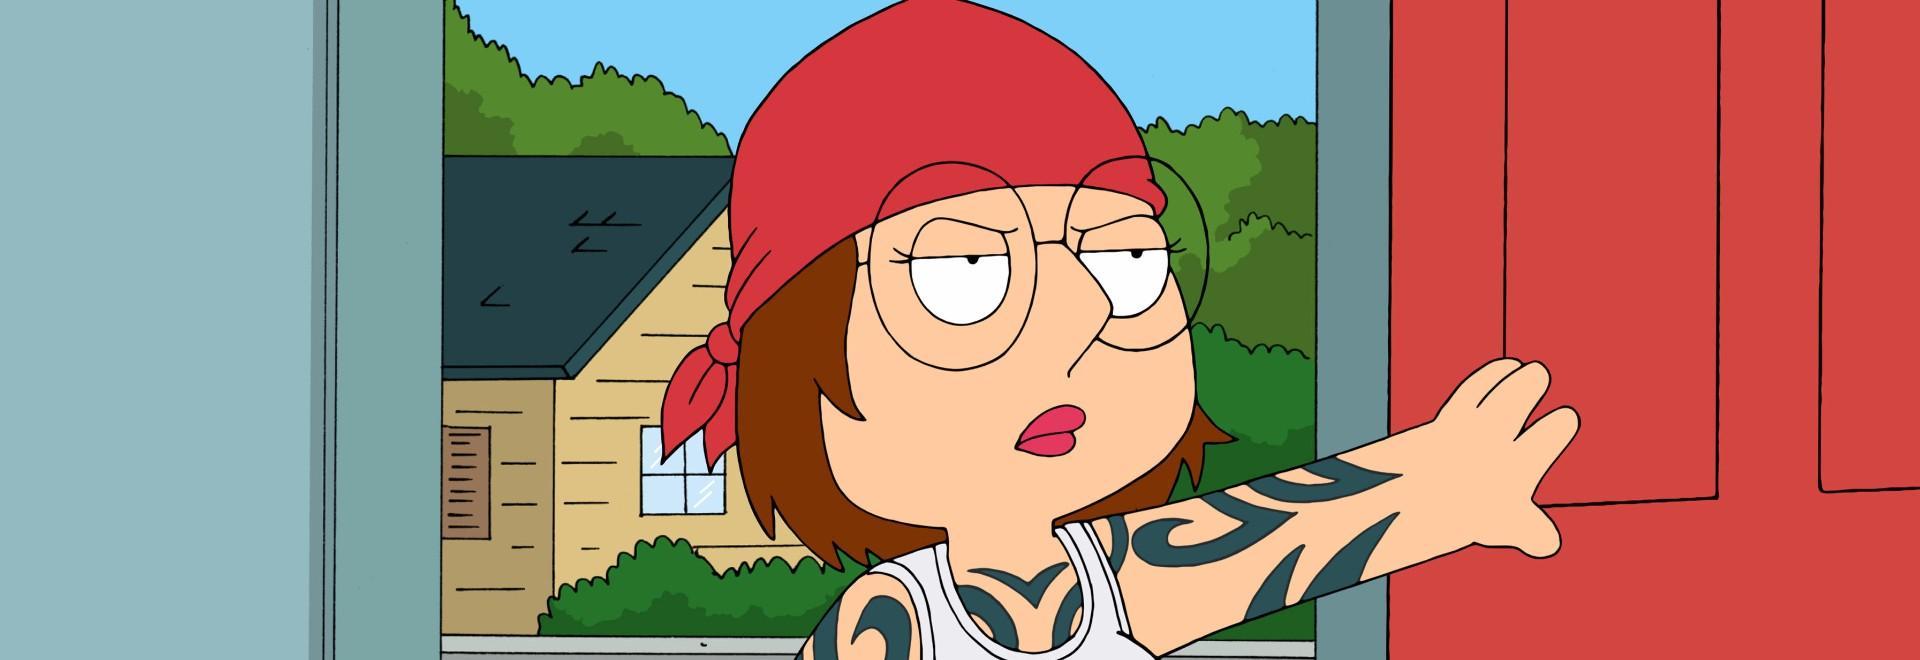 M come malvagia Meg